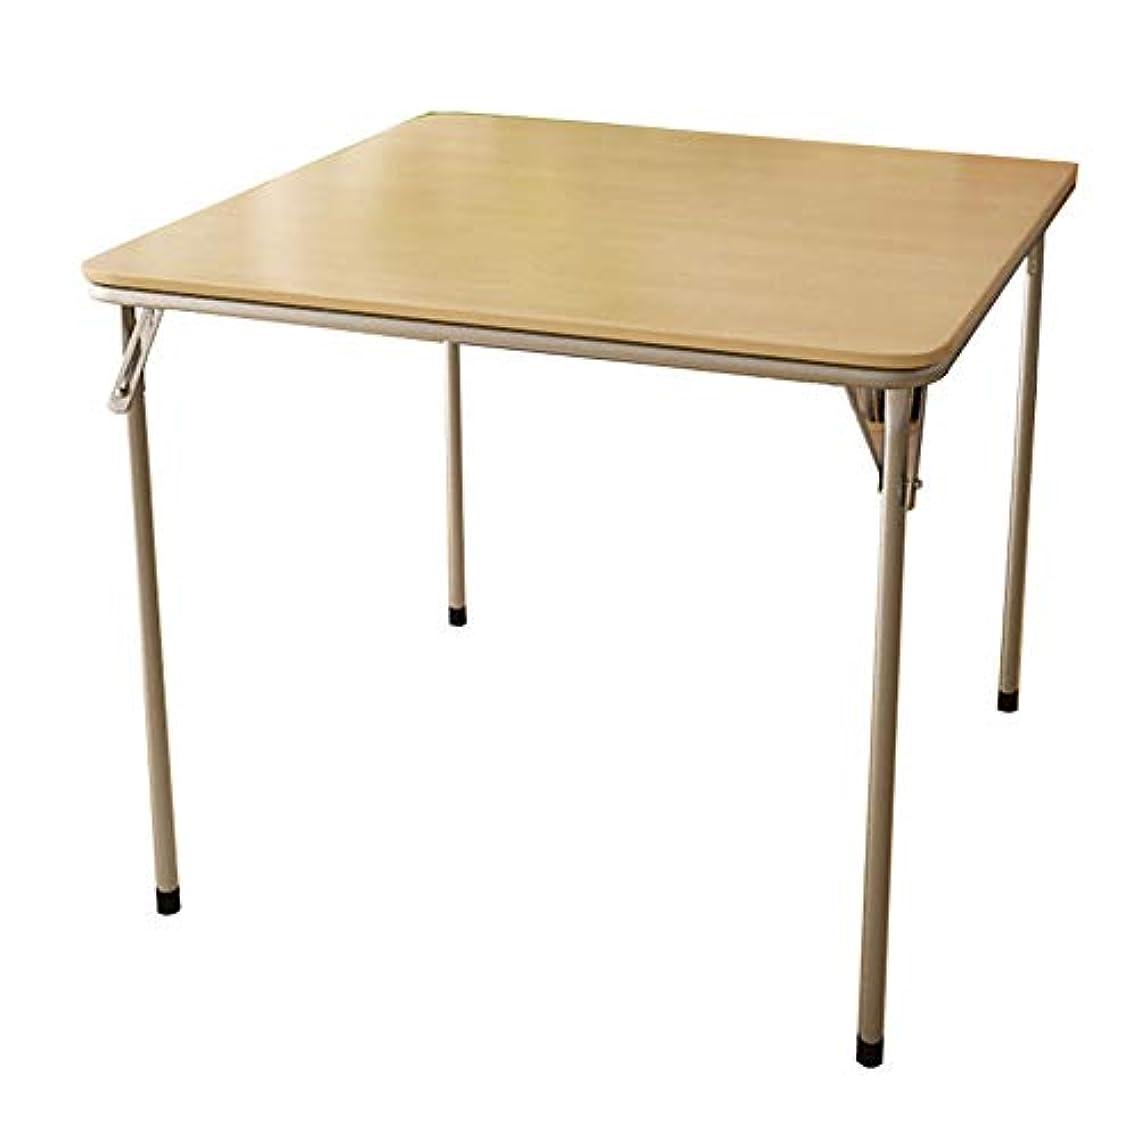 NJLCピクニック用テーブル、シンプル折りたたみテーブル、ポータブルスクエアテーブル多機能折りたたみテーブル,B